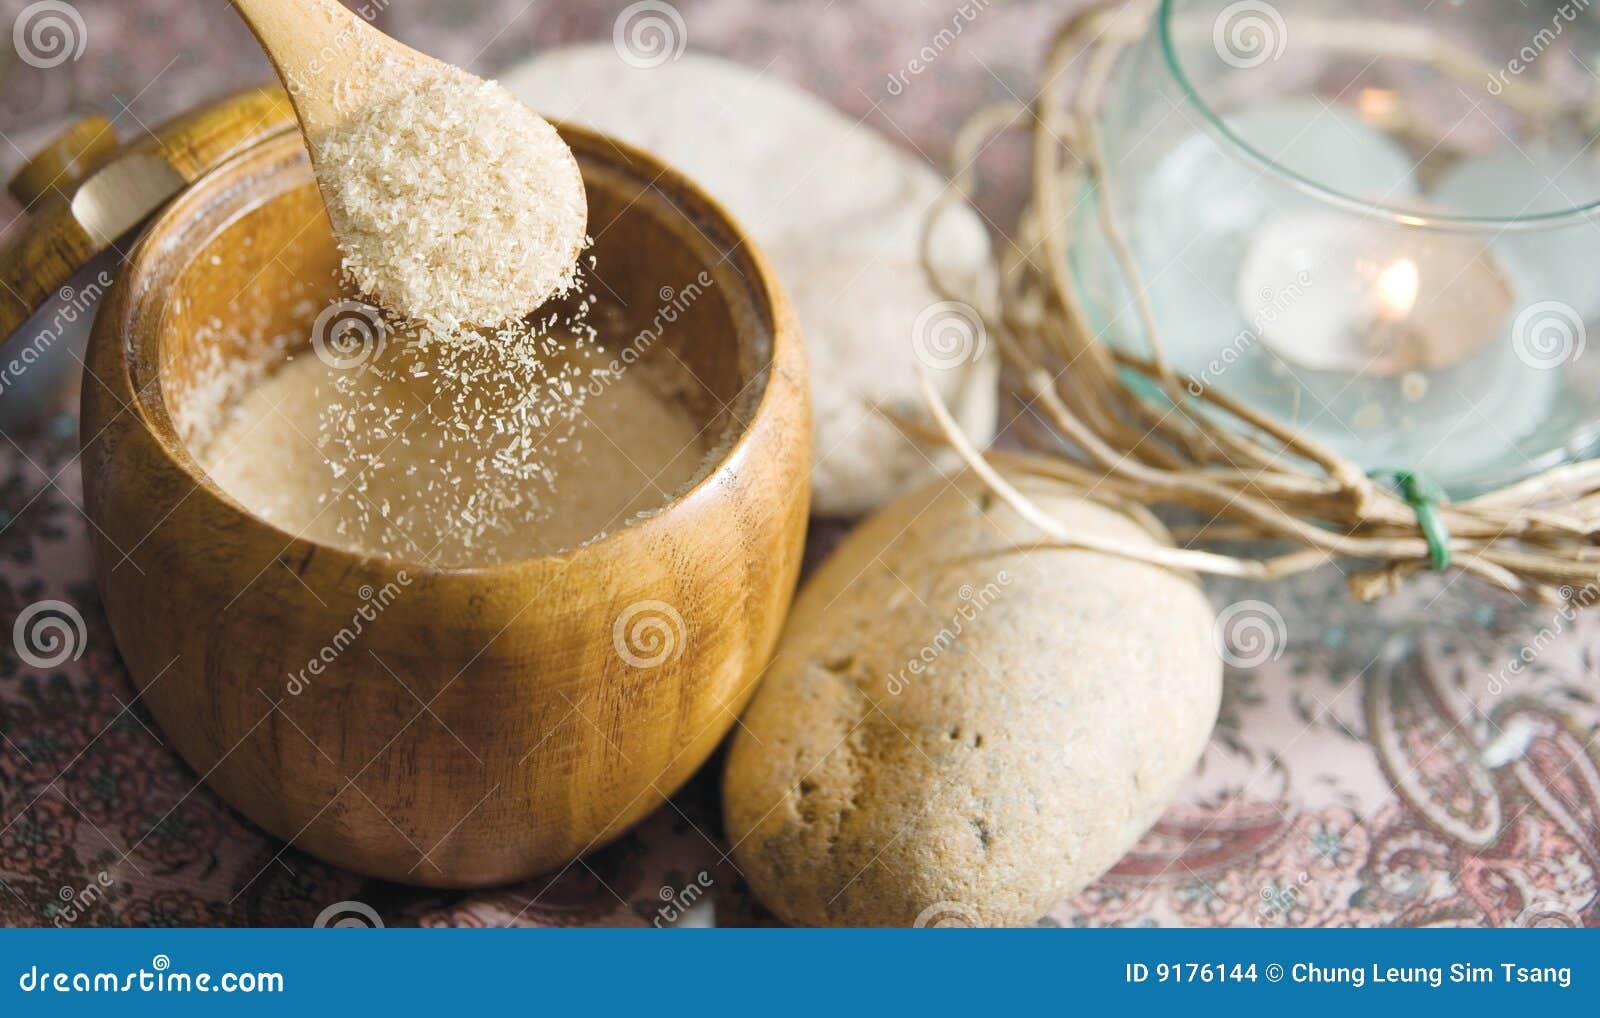 желтый сахарный песок